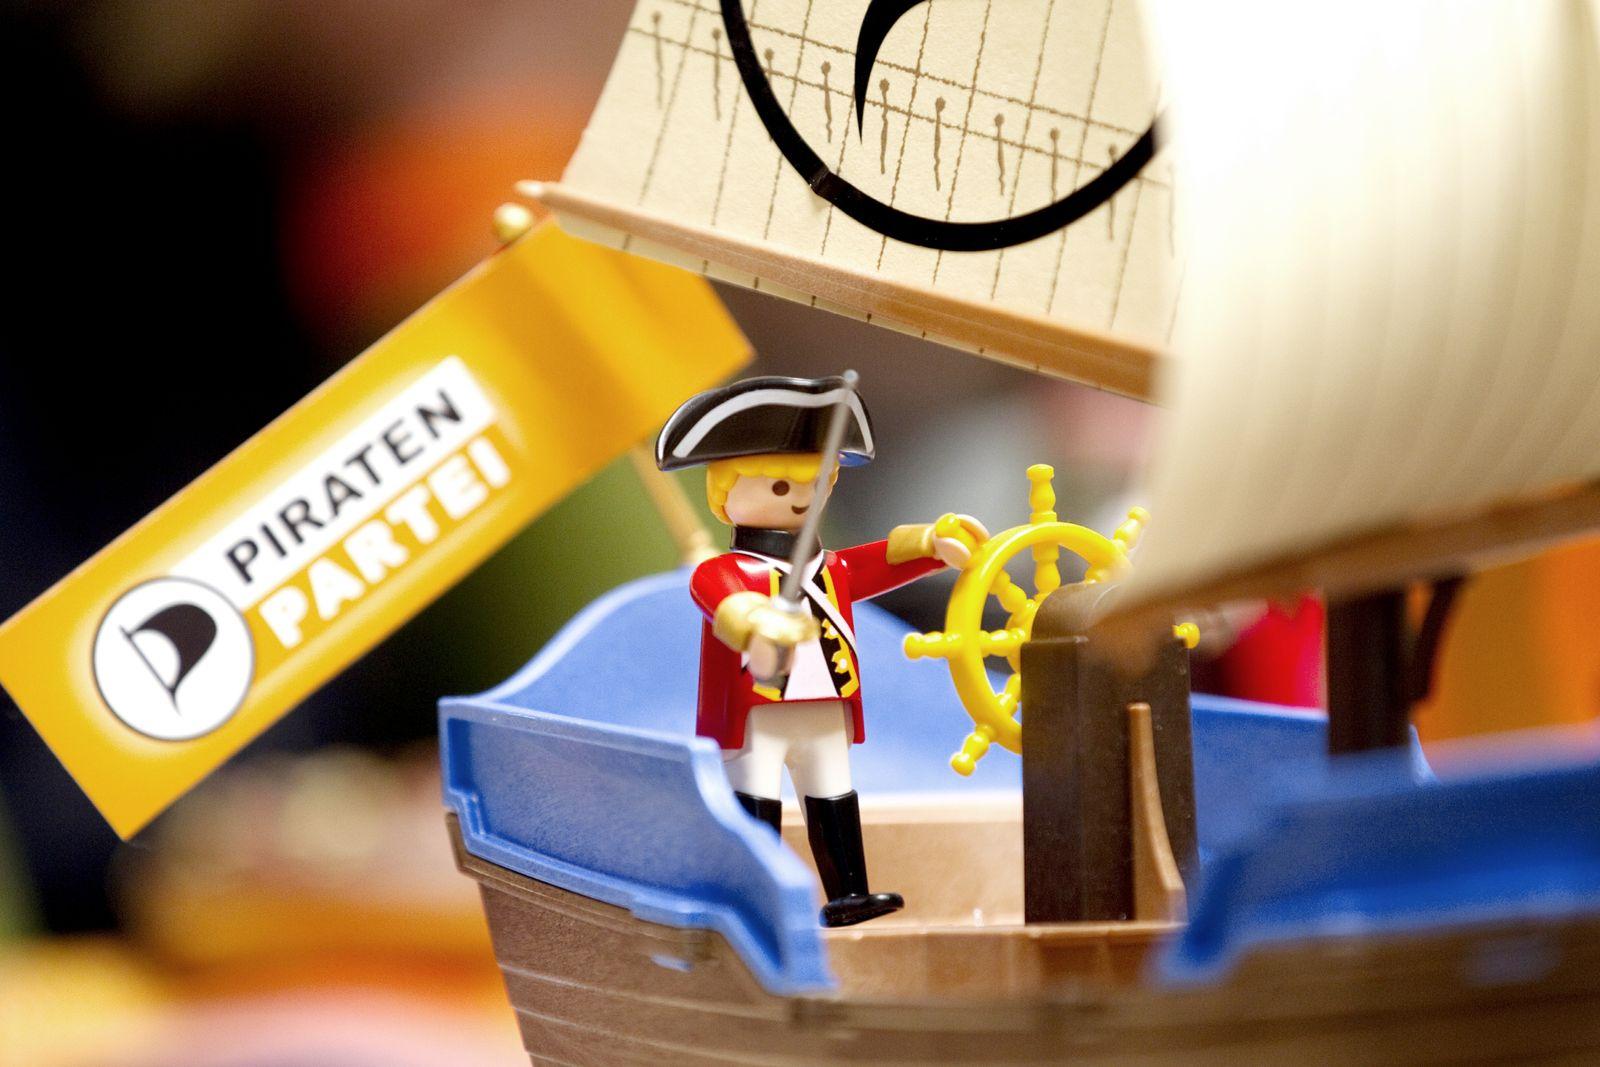 NICHT VERWENDEN Piratenpartei Symbolbild Piraten Lego